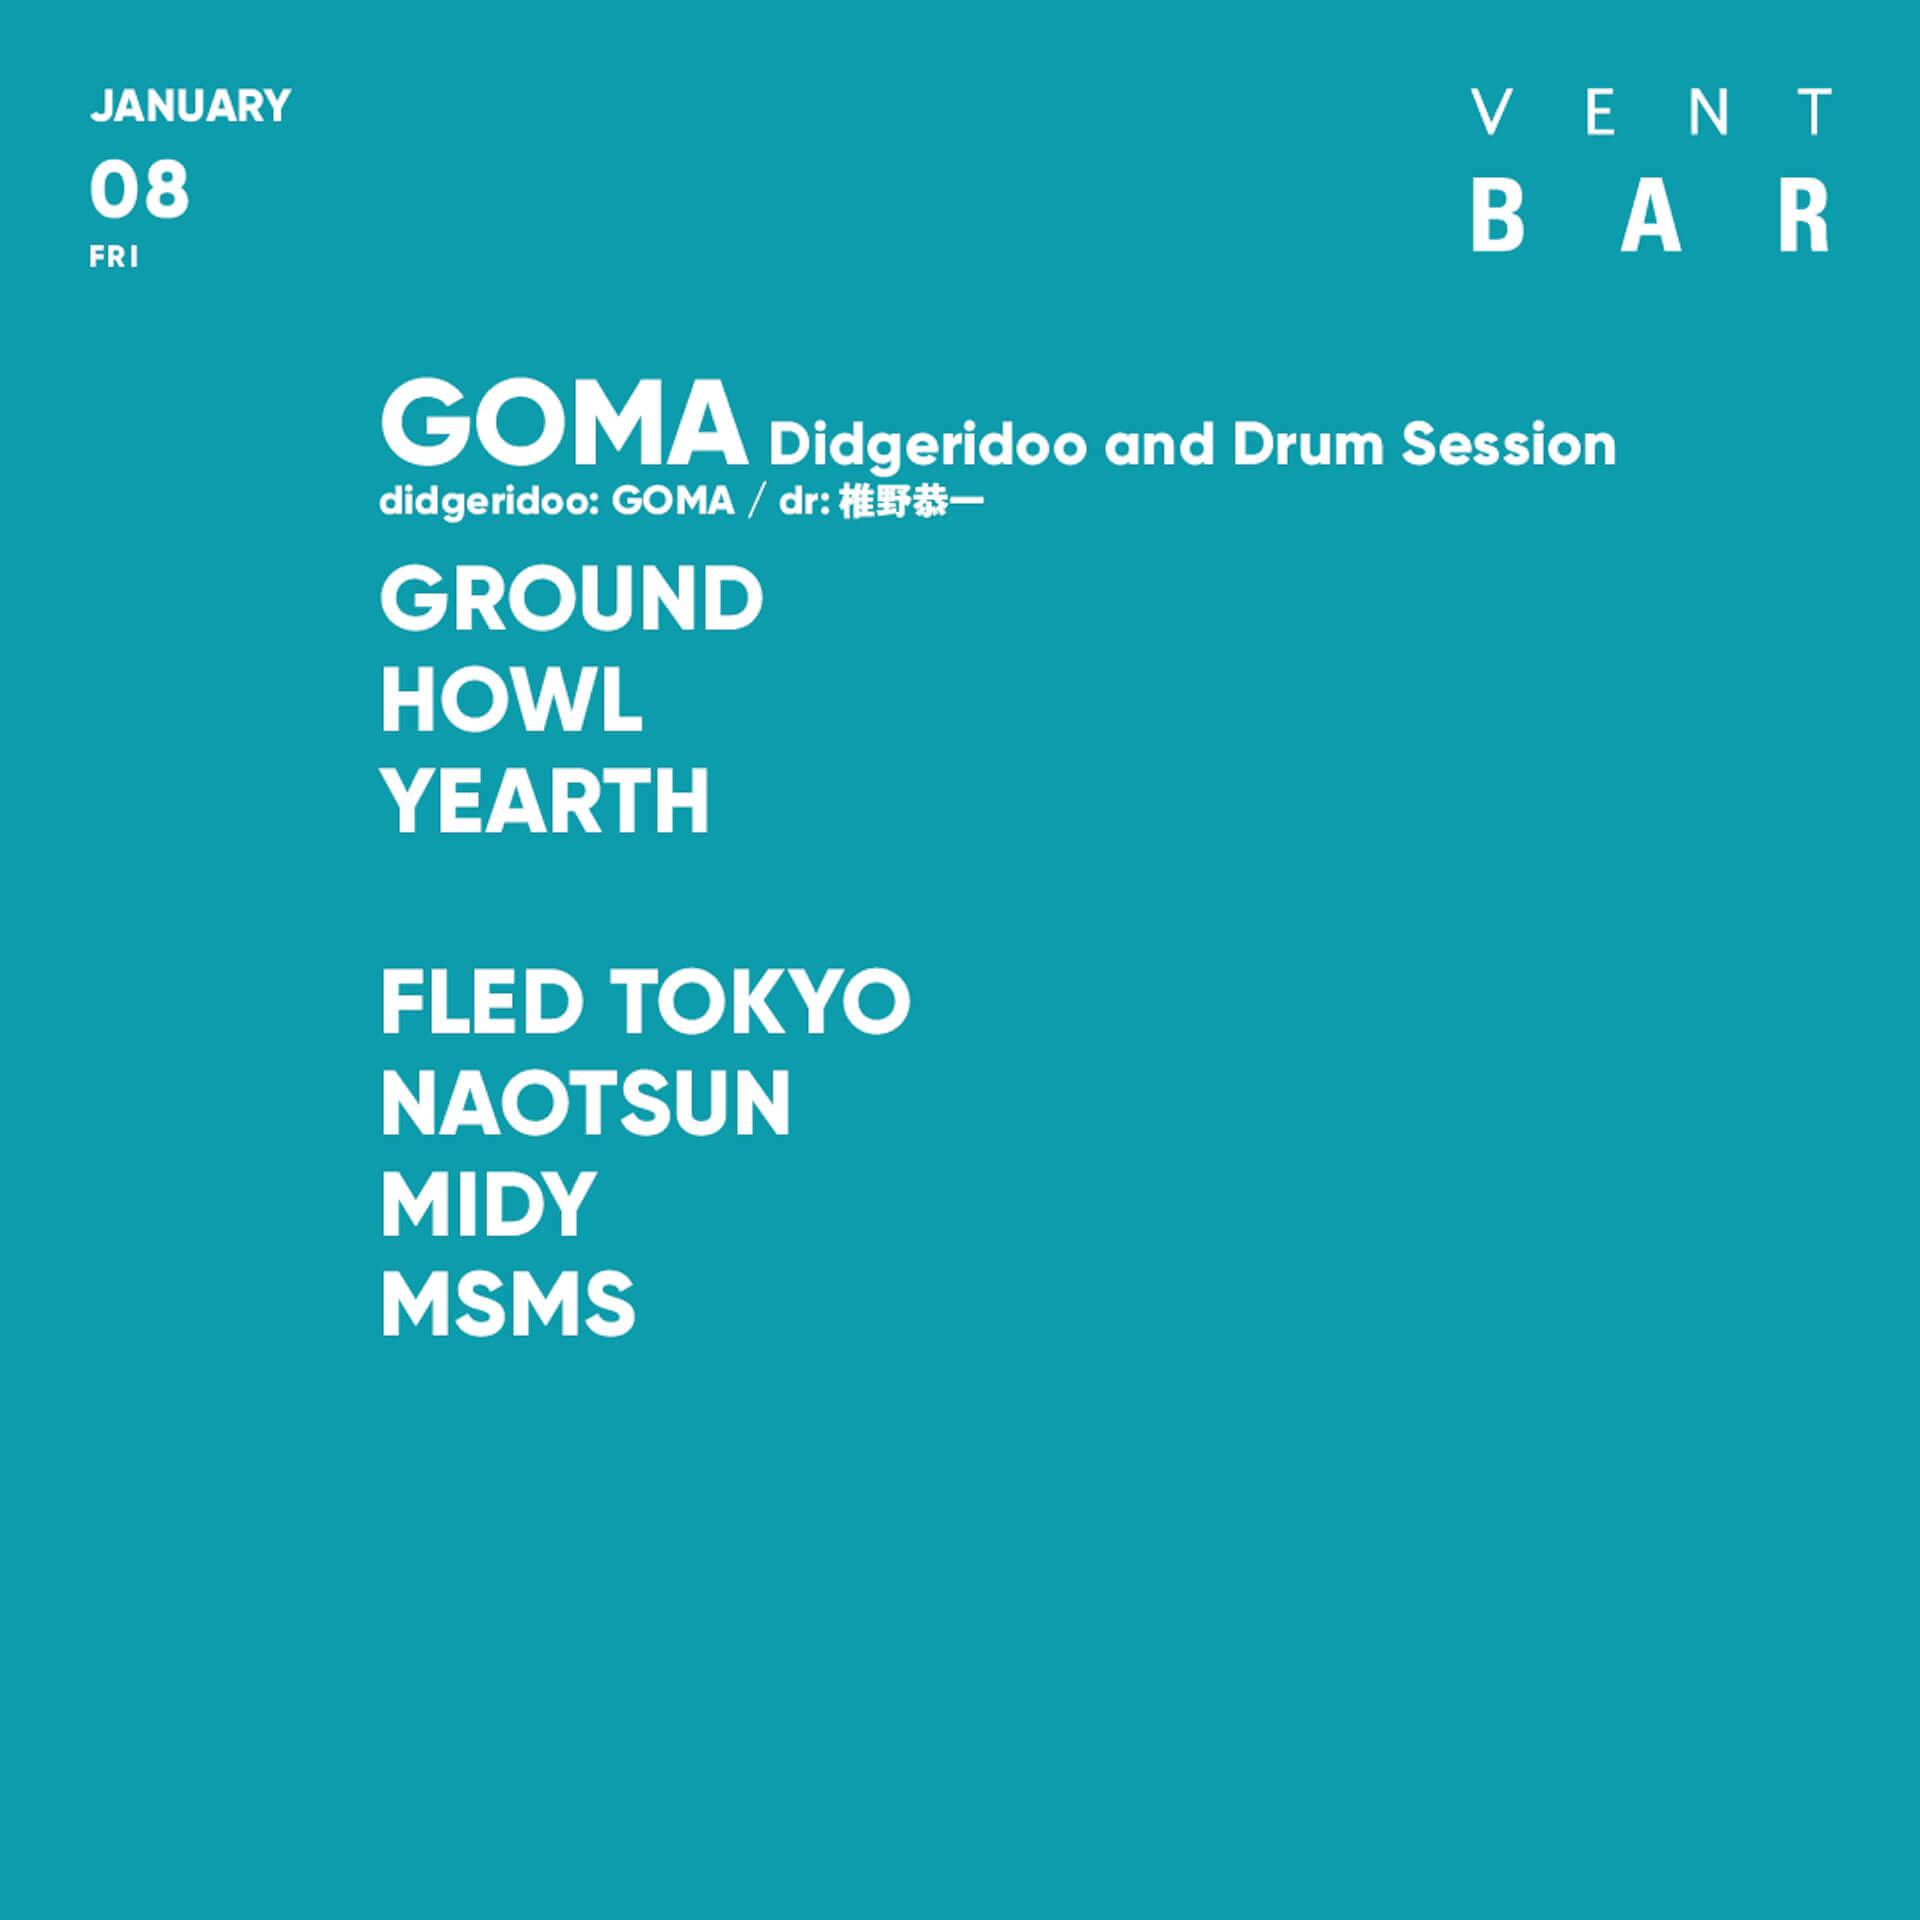 GOMAの2021年初ライブが<VENT BAR>で開催決定!The Jungle Rhythm Section・椎野恭一とのセッションを披露 music201222_vent-goma_1-1920x1920